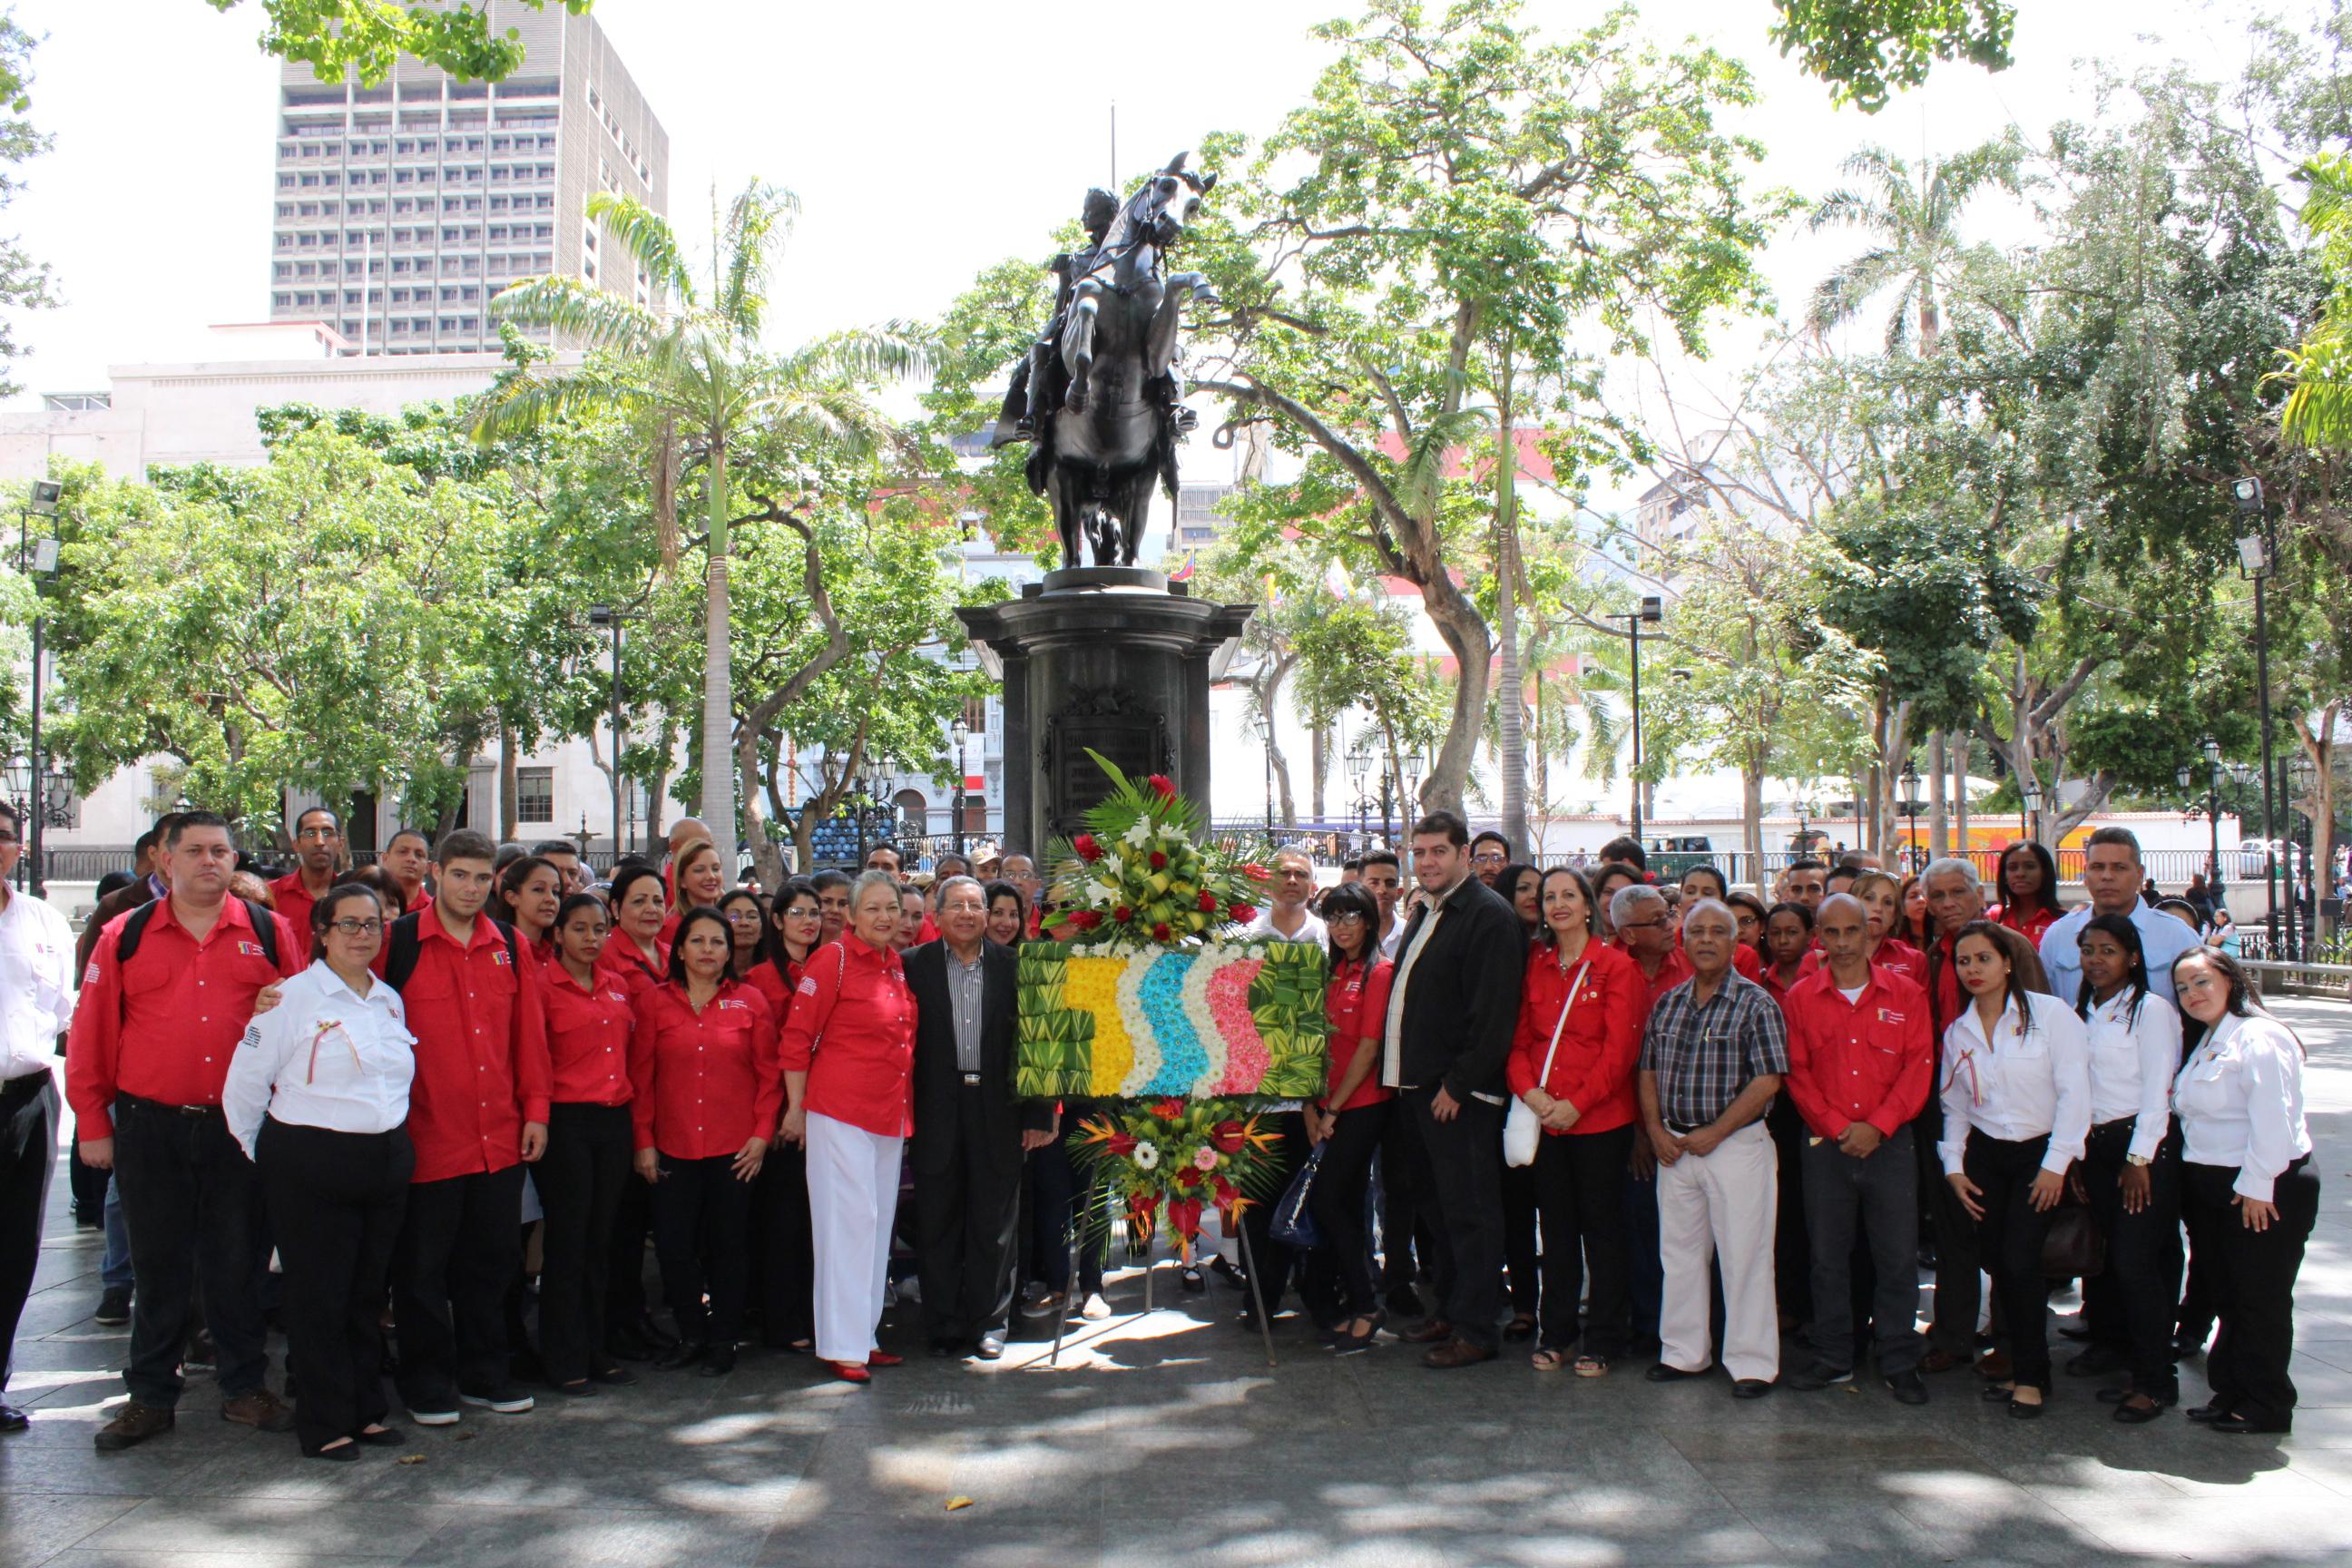 Especial: La Tesorería de Seguridad Social celebró su 6to aniversario